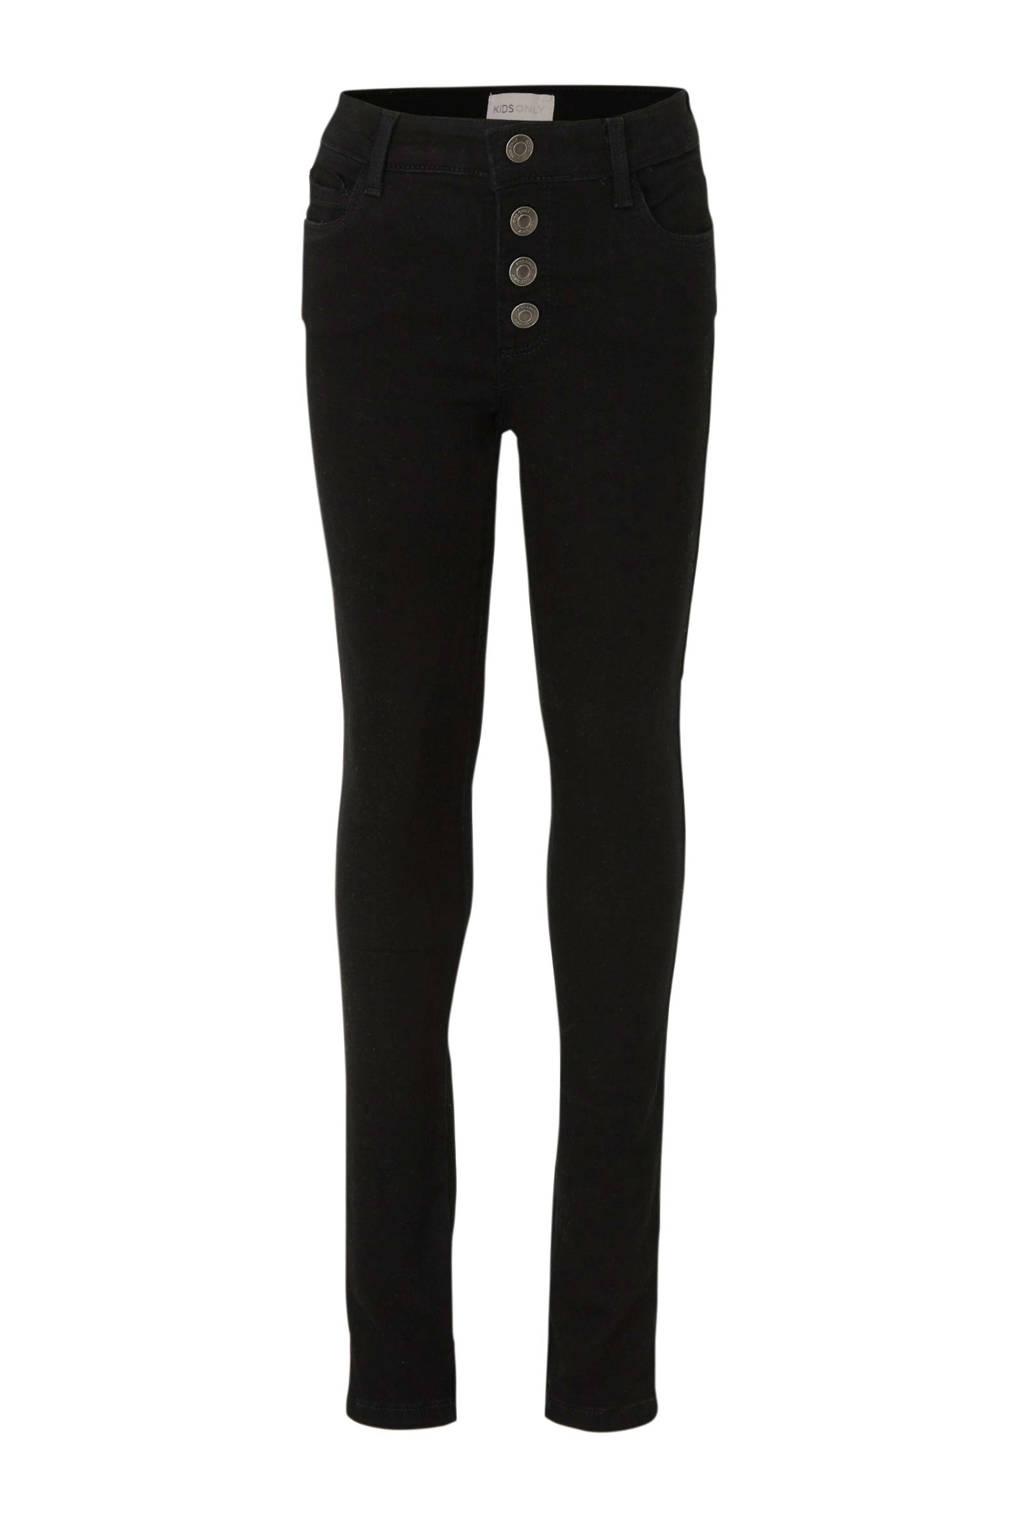 KIDS ONLY skinny jeans Rose met biologisch katoen zwart, Zwart